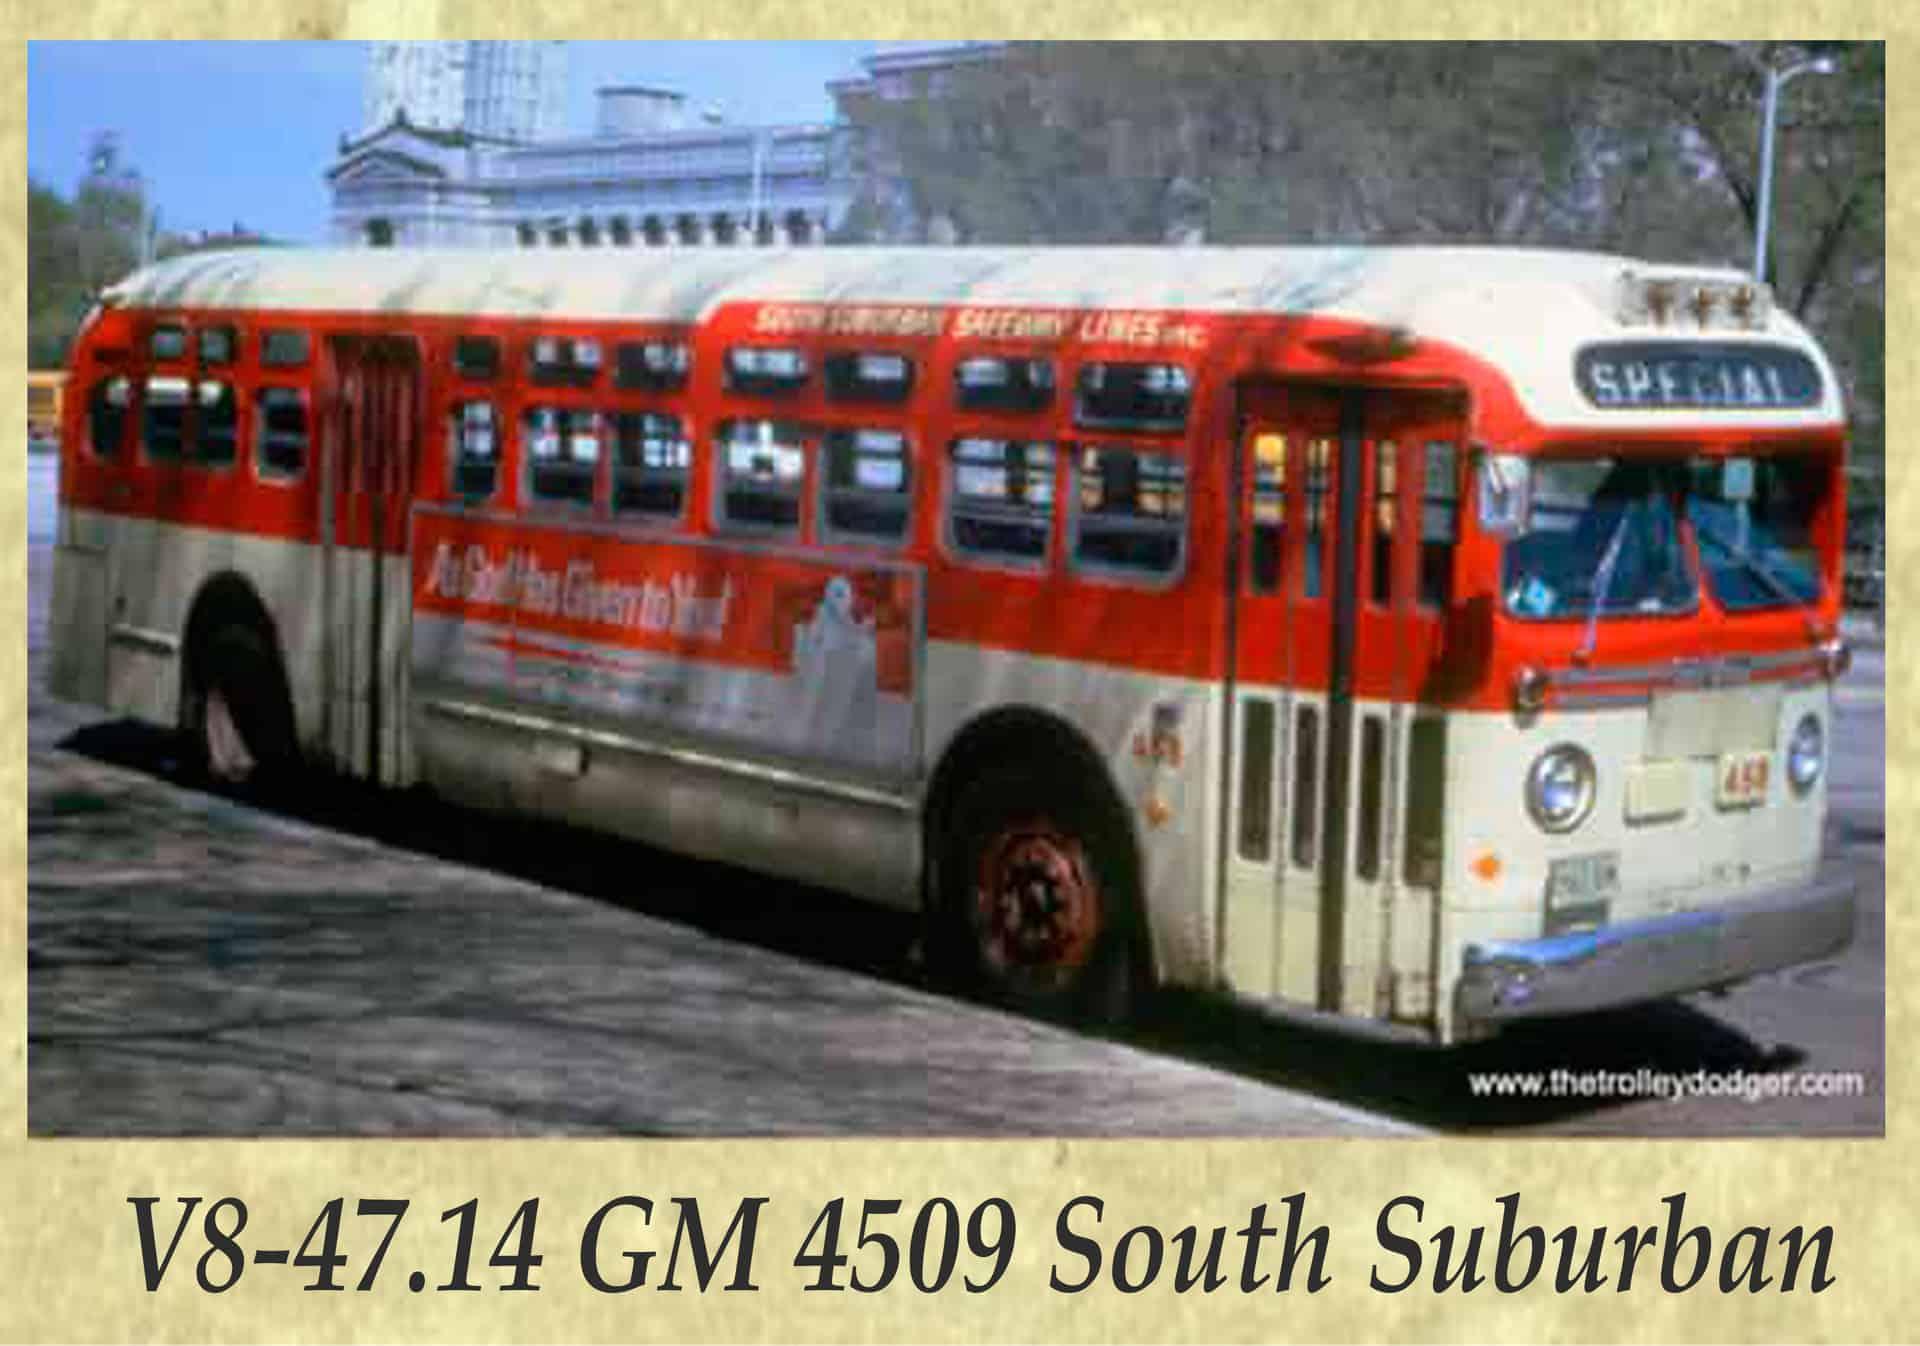 V8-47.14 GM 4509 South Suburban